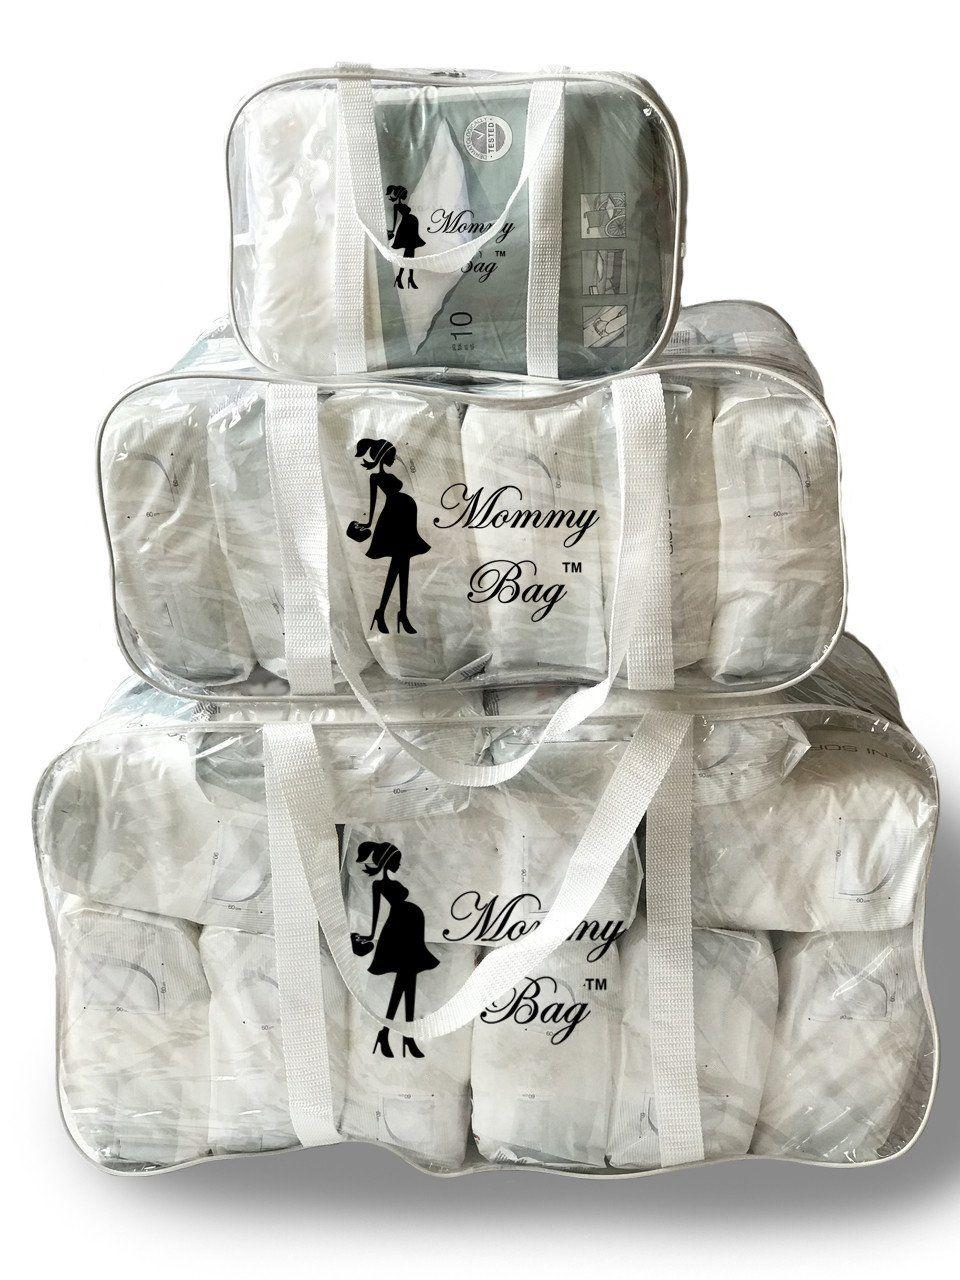 Набор из прозрачных сумок в роддом Mommy Bag, размеры - S, L, XL, цвет - Белый